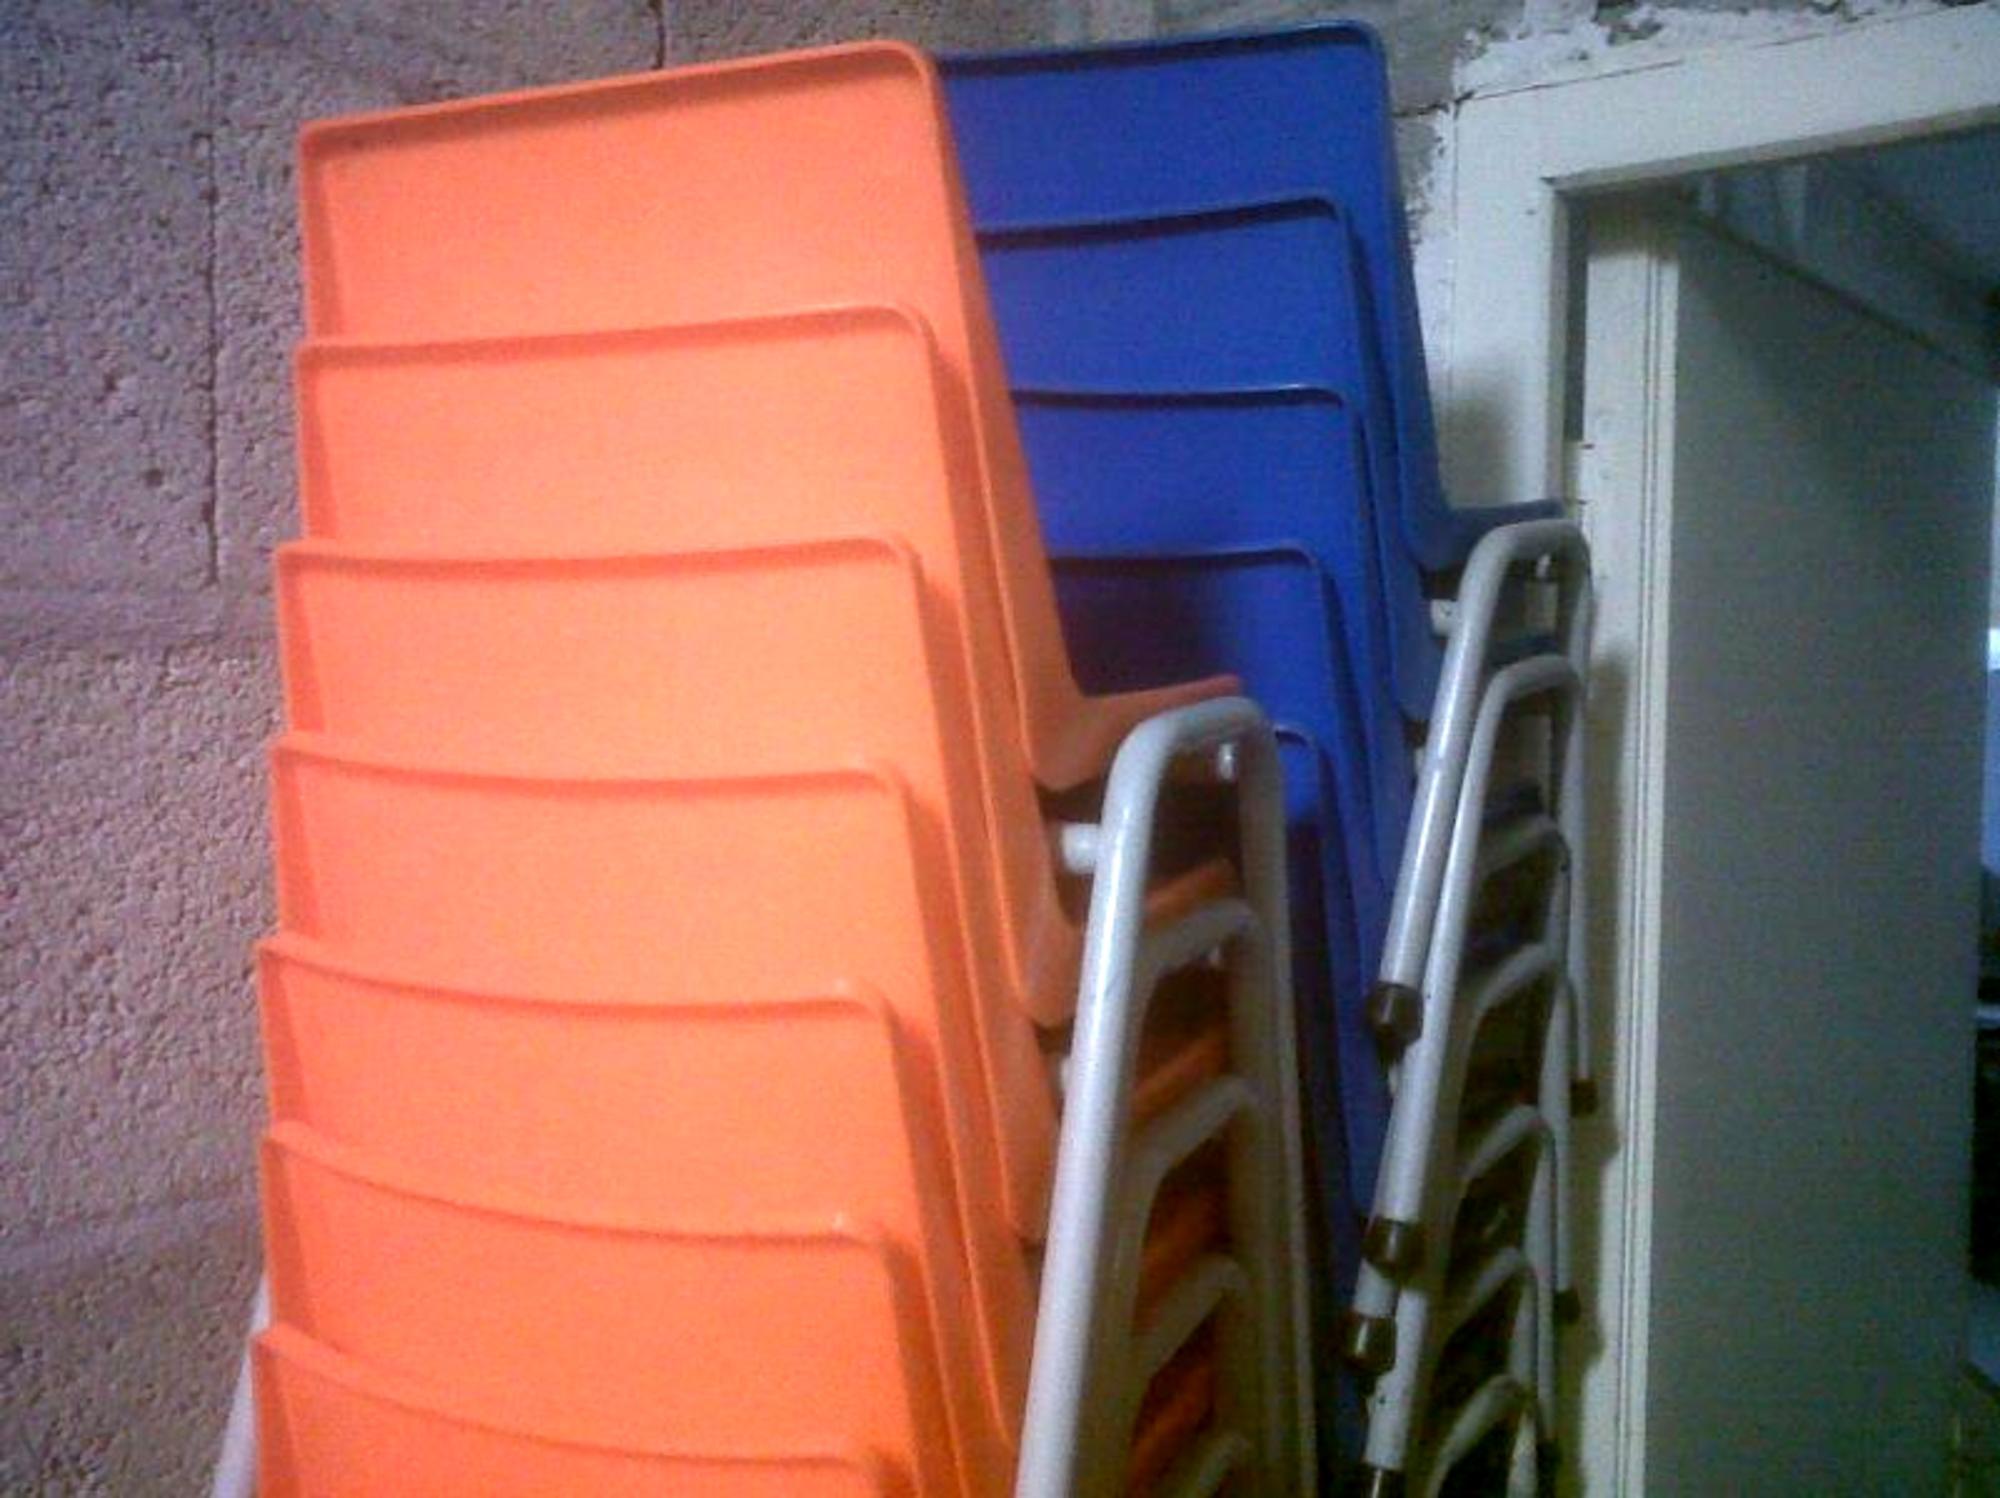 10 chaises maternelle coque panachage de diff rentes tailles mobilier scolaire d 39 occasion. Black Bedroom Furniture Sets. Home Design Ideas